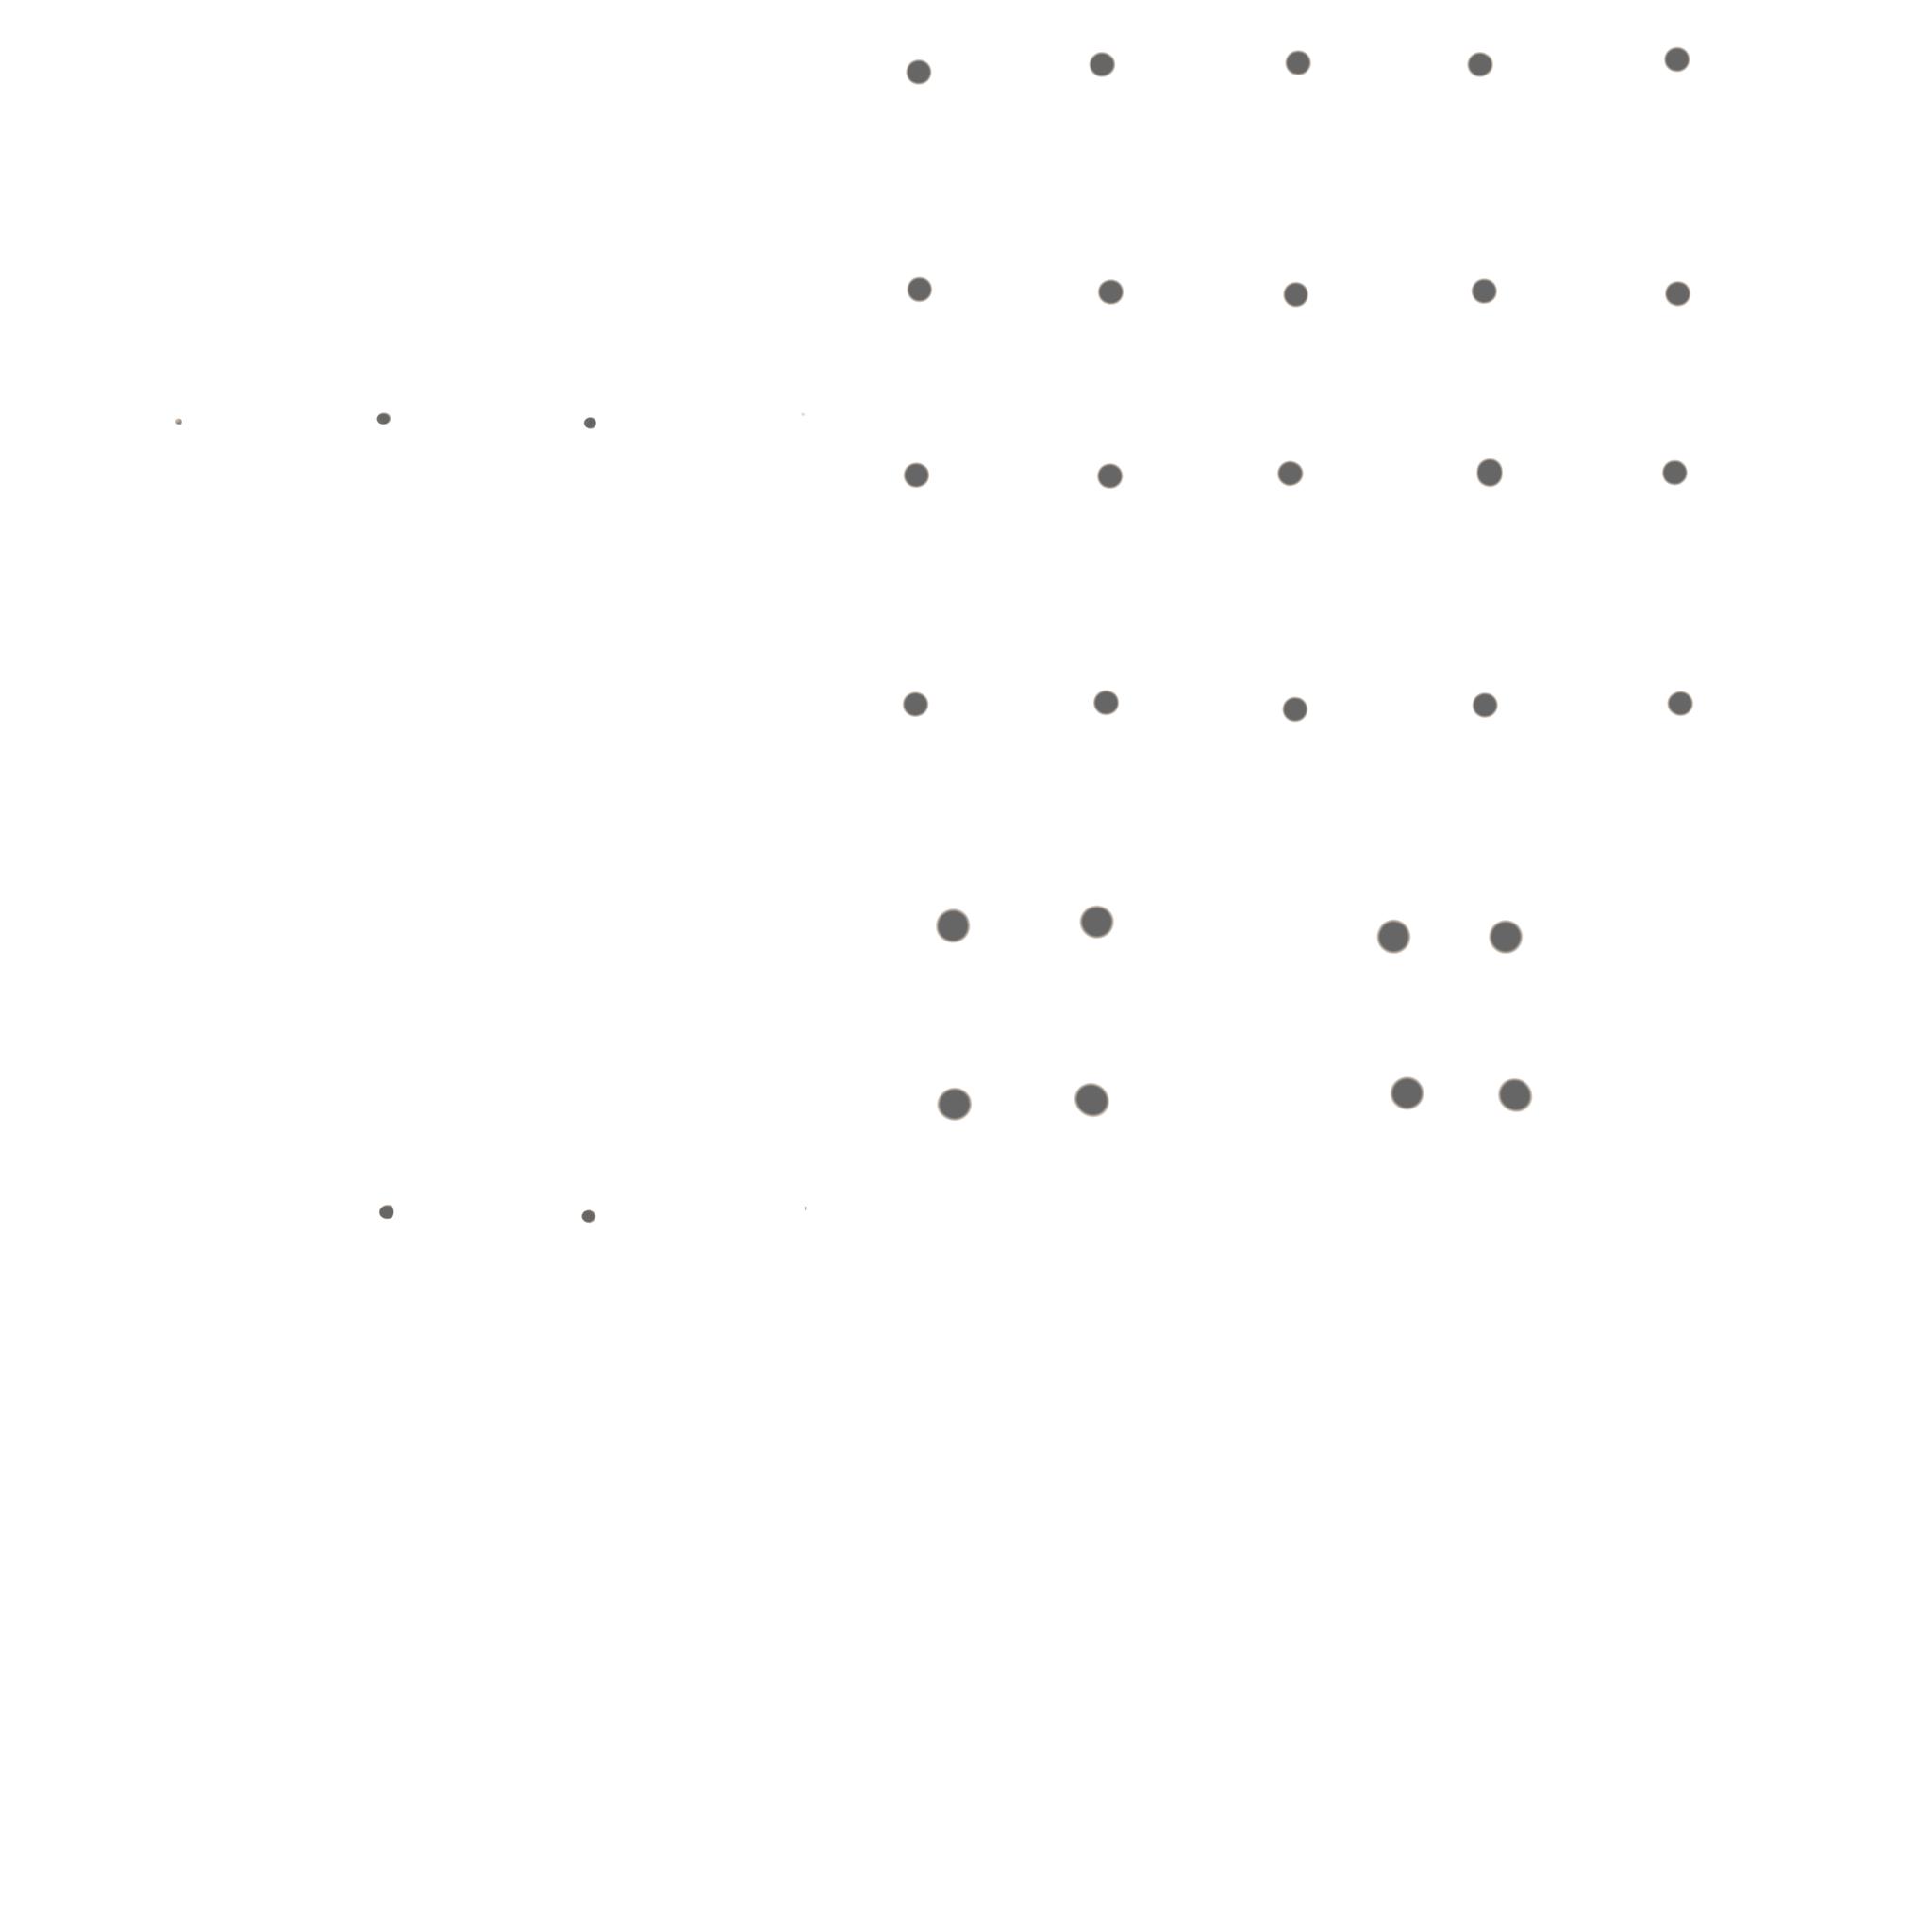 scaffoldBC_uvSet_lambert4SG_Reflection.png